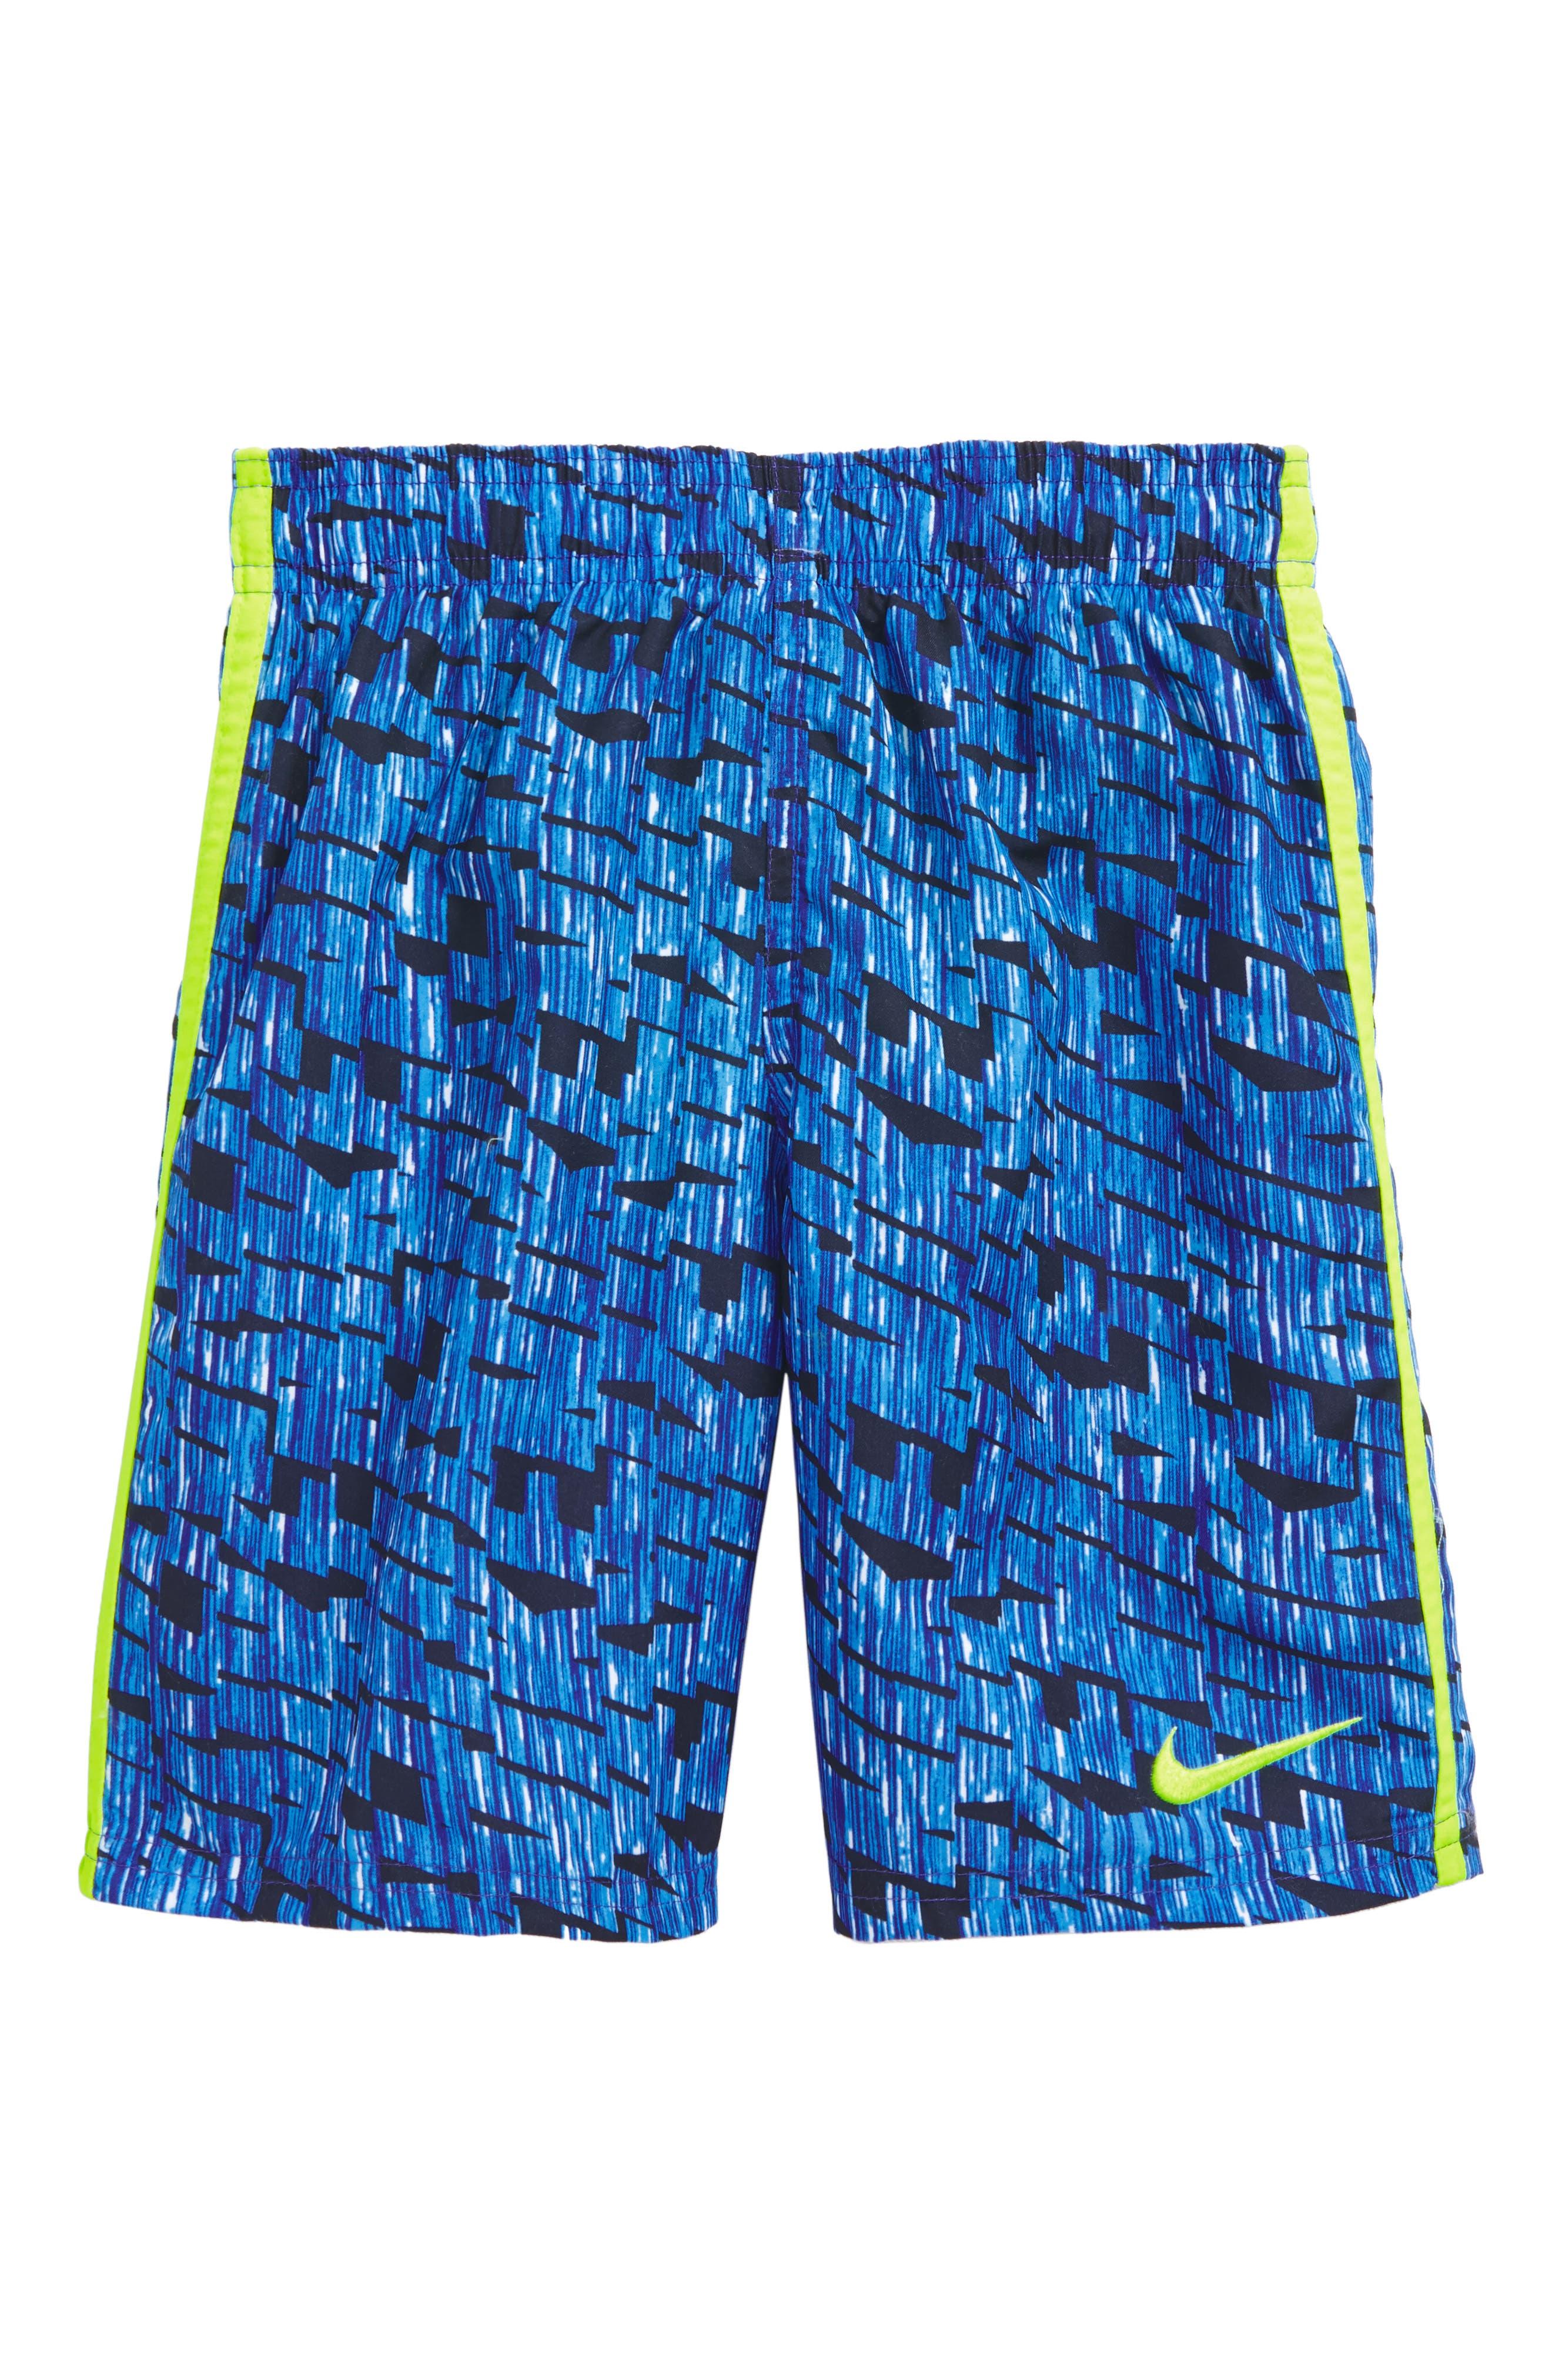 Diverge Board Shorts,                             Main thumbnail 1, color,                             Hyper Royal